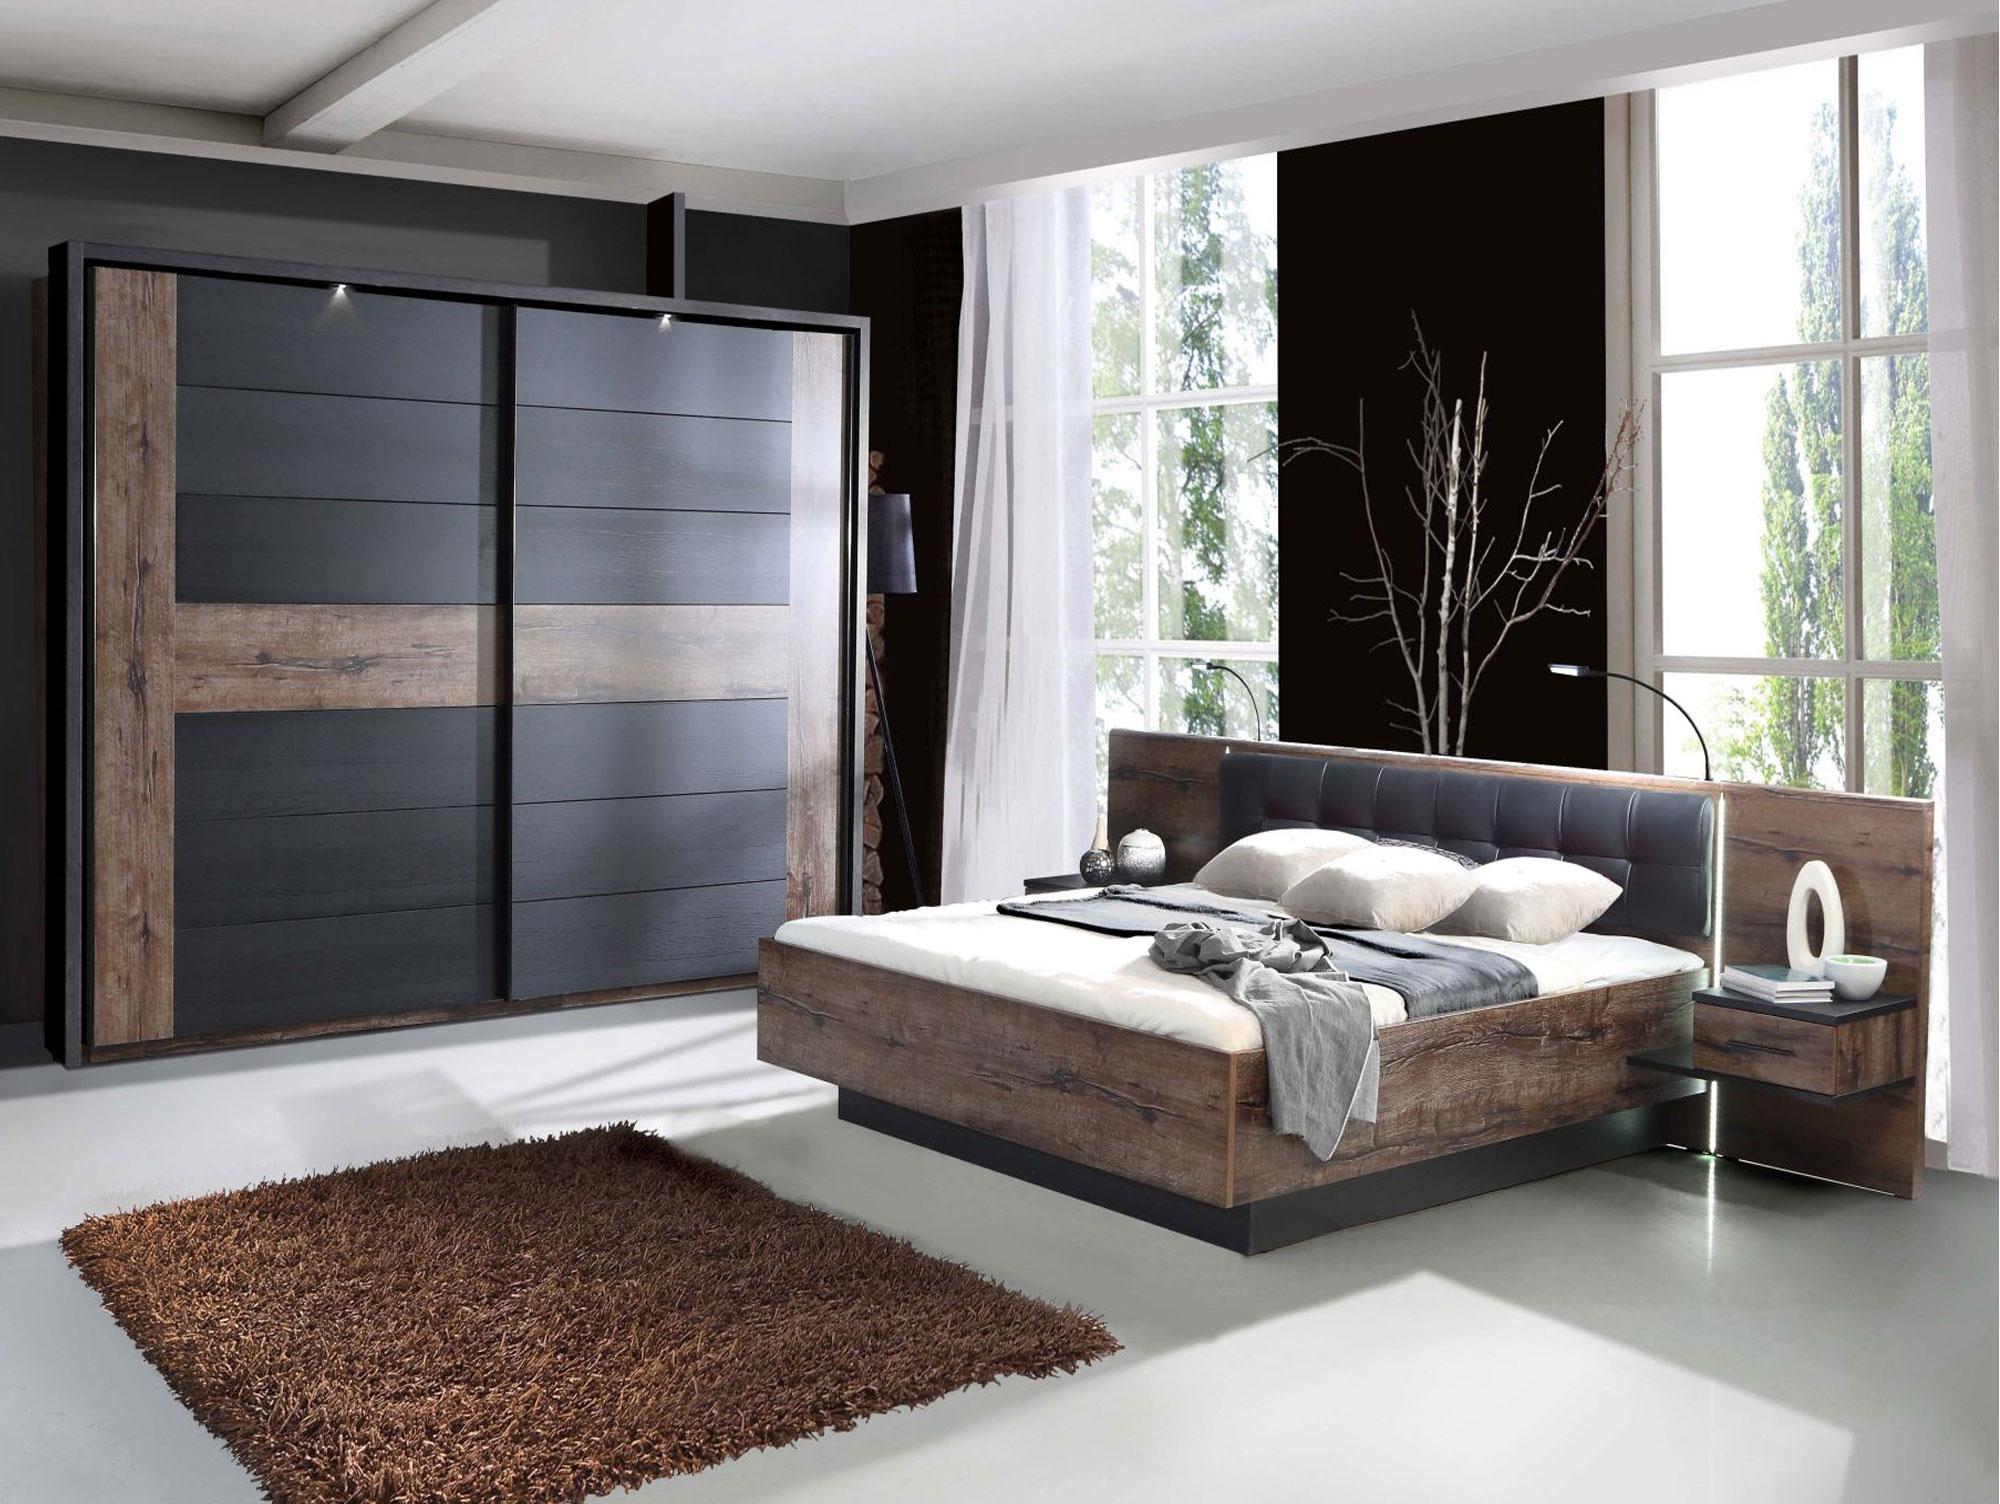 ERLIN Schlafzimmer Schwarzeiche/Schlammeiche 180 x 200 cm ...